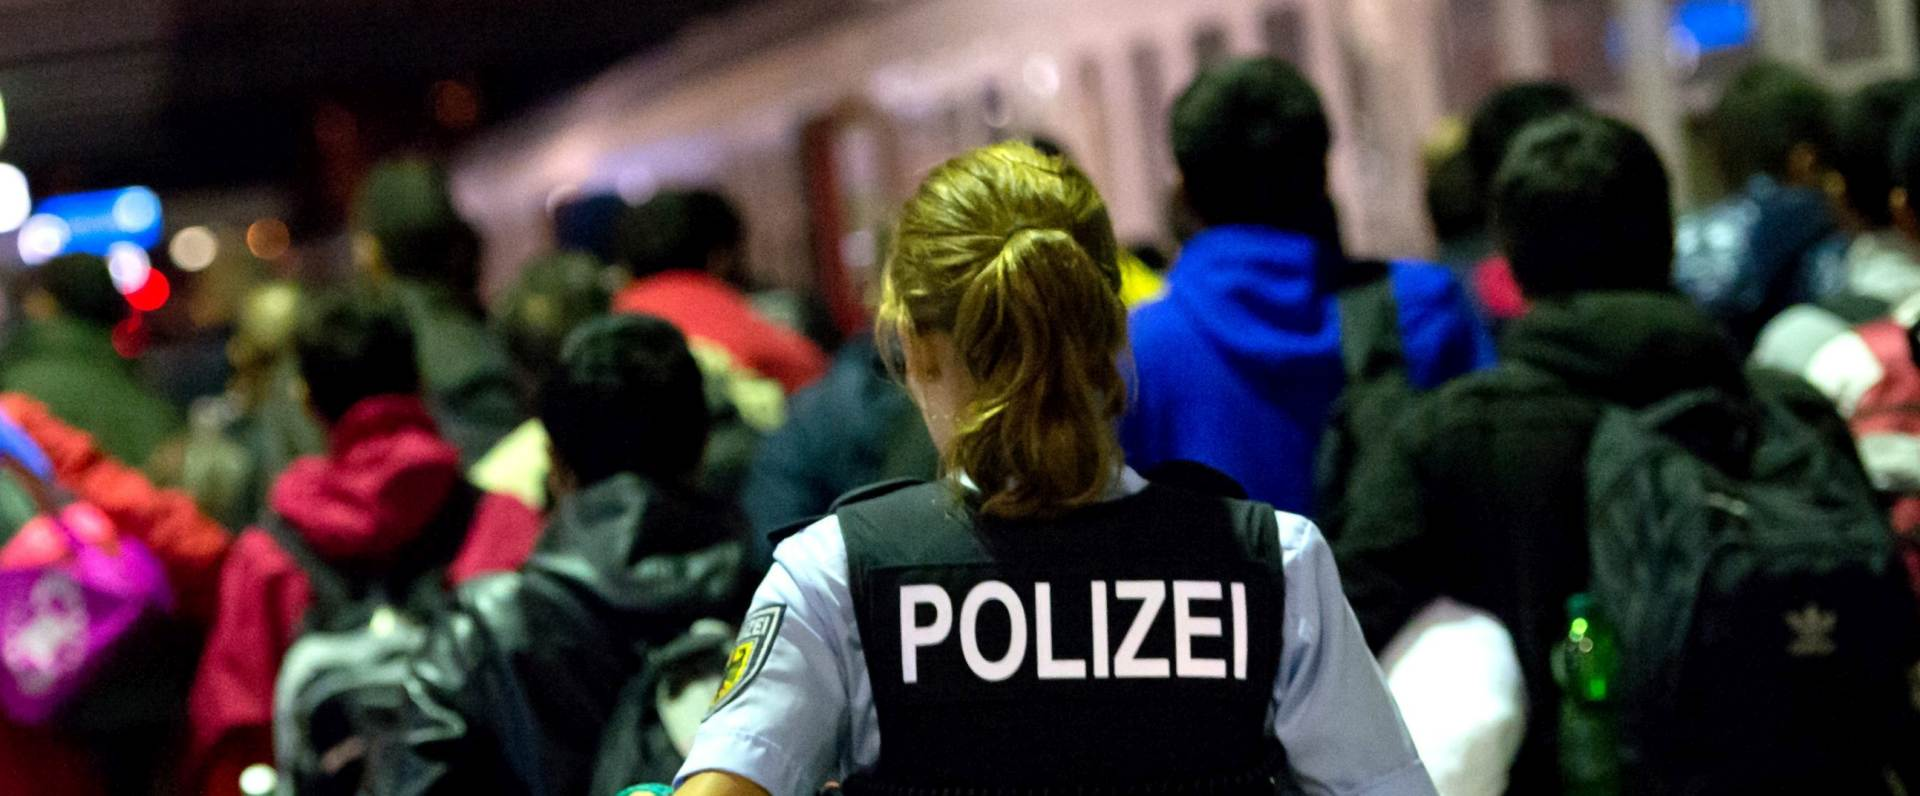 ZATAŠKAVANJE: Novogodišnji napadi u Njemačkoj rašireniji nego što je bilo objavljeno